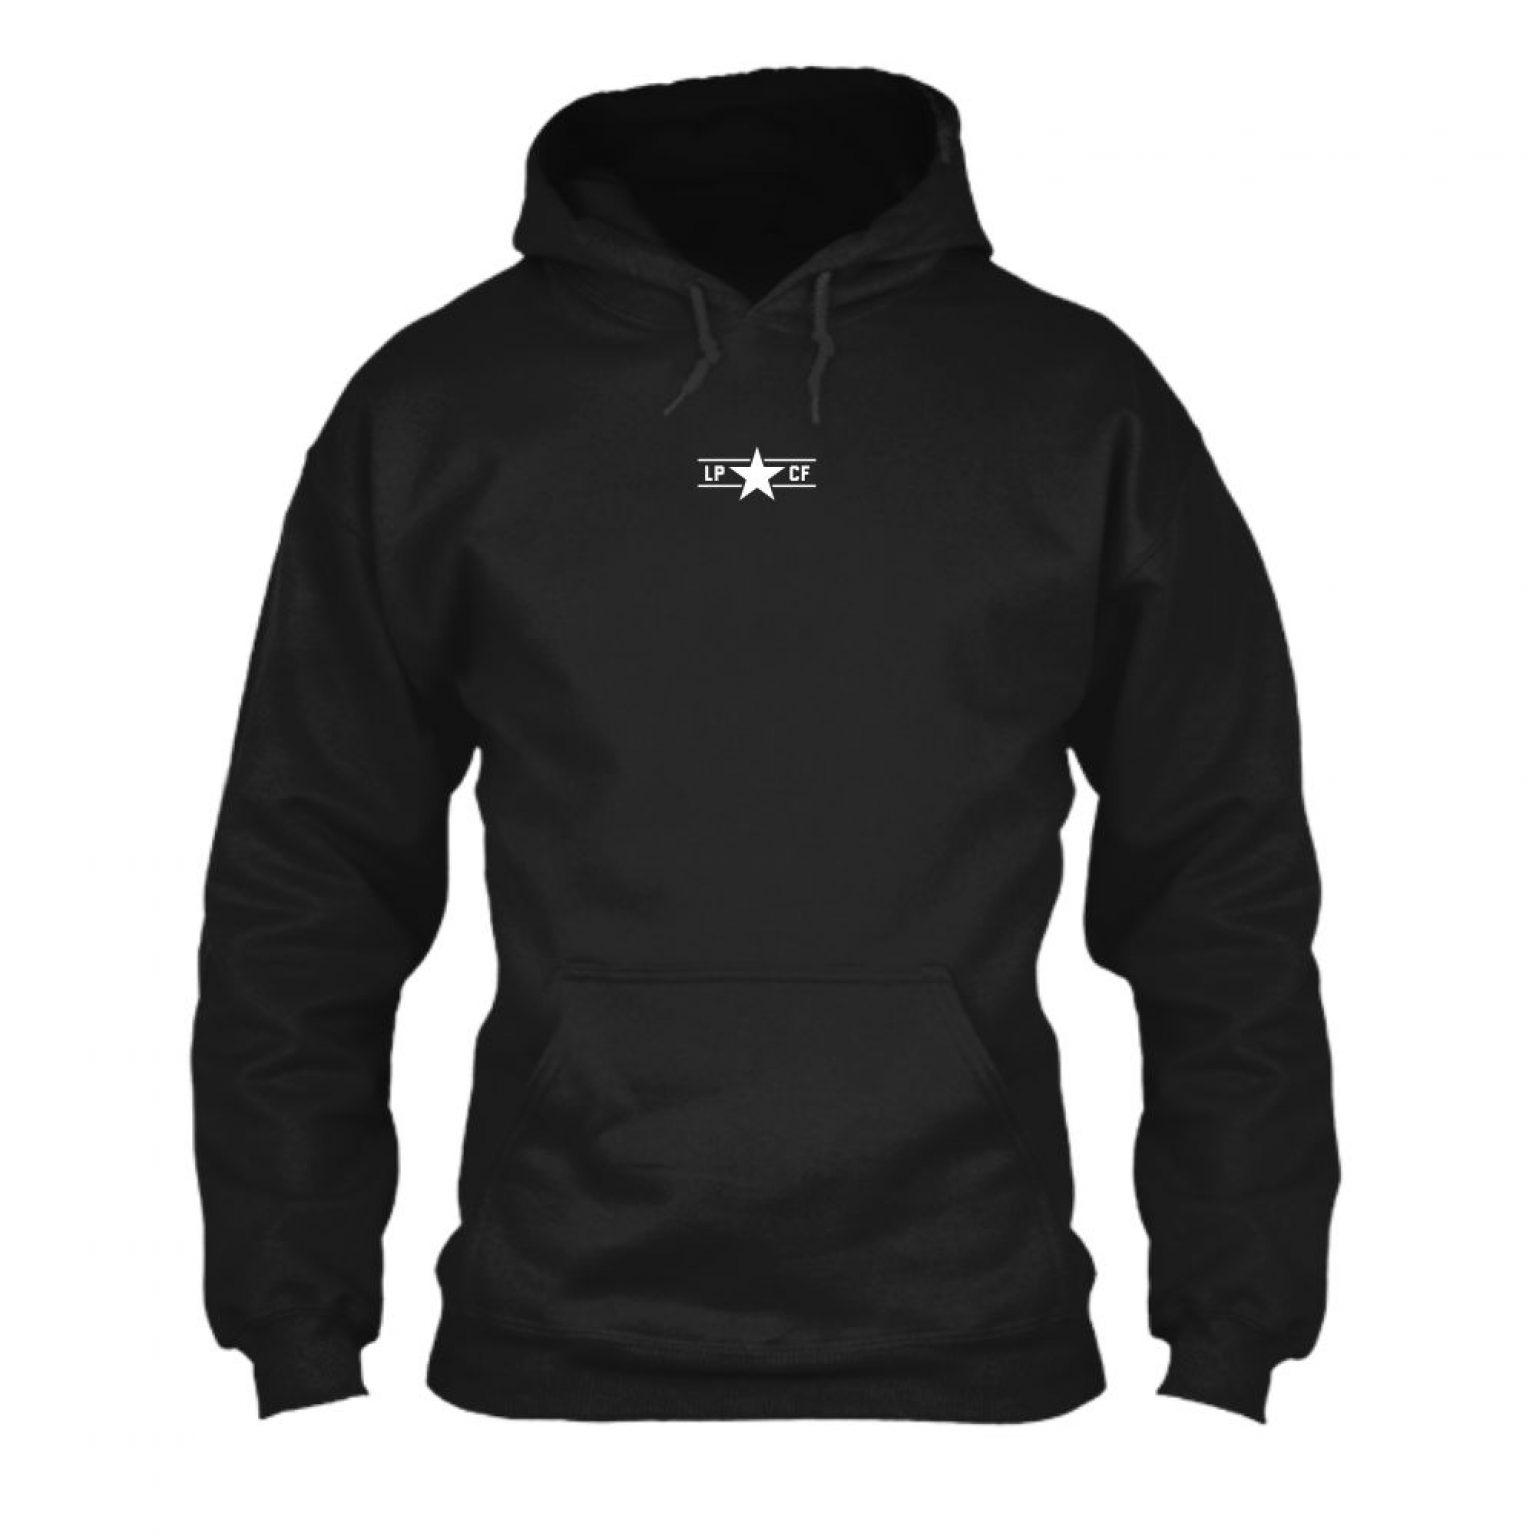 LPcircle hoodie black front